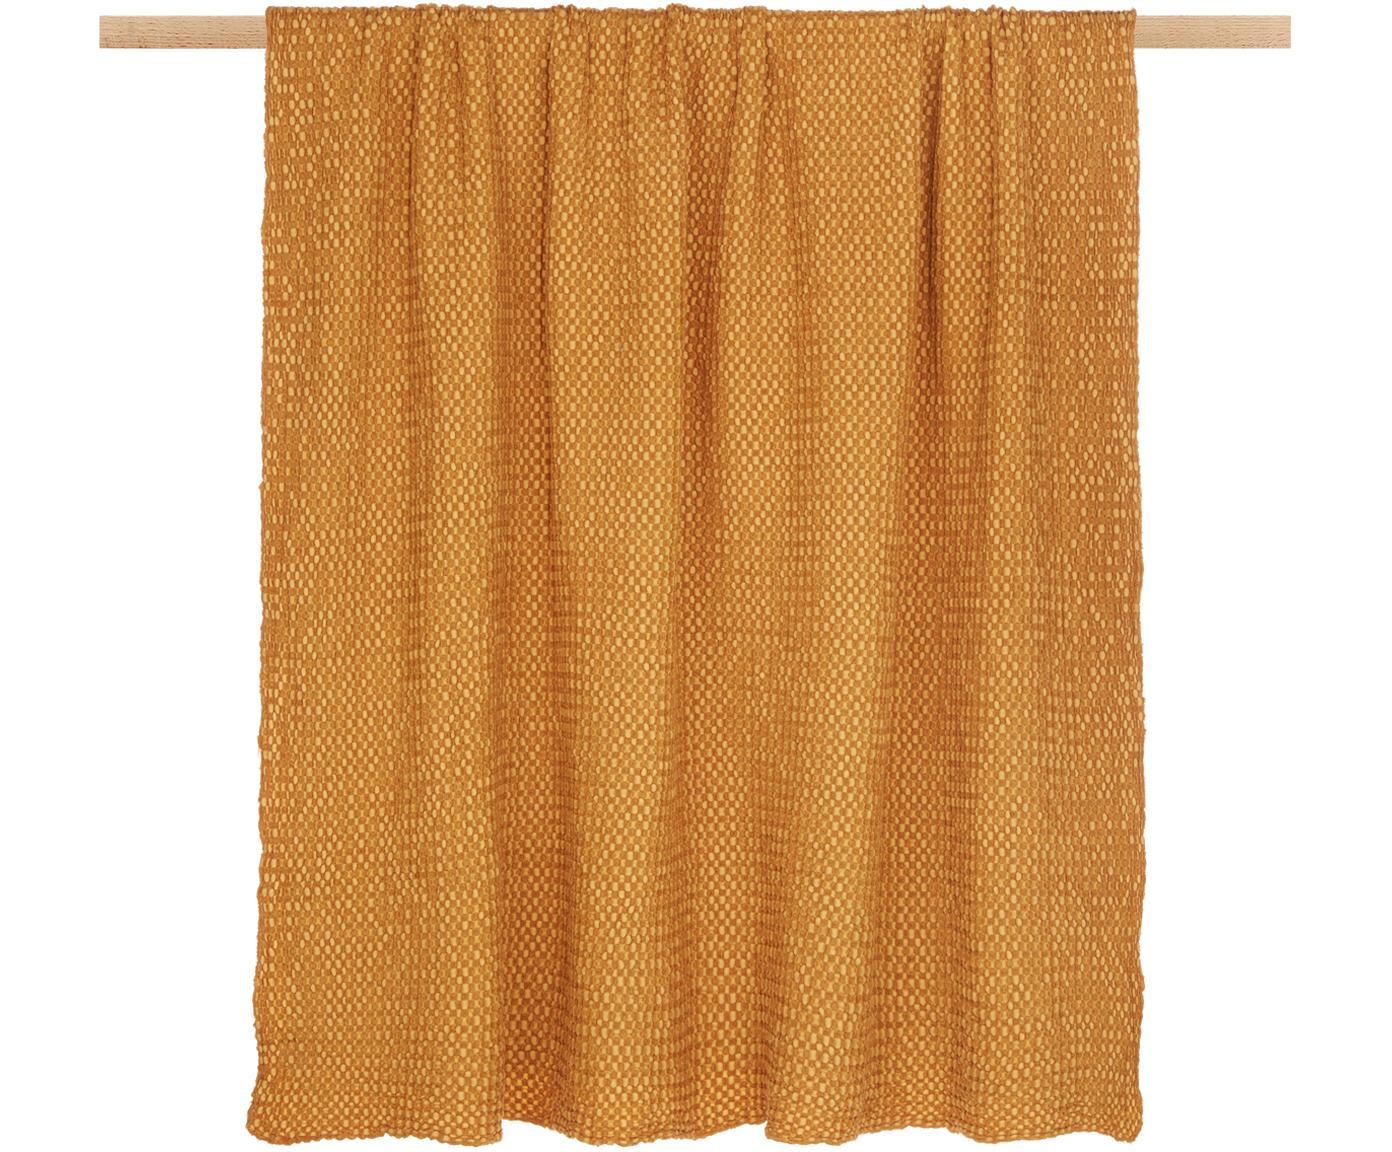 Plaid in cotone giallo dorato Vigo, 100% cotone, Giallo dorato, Larg. 140 x Lung. 200 cm